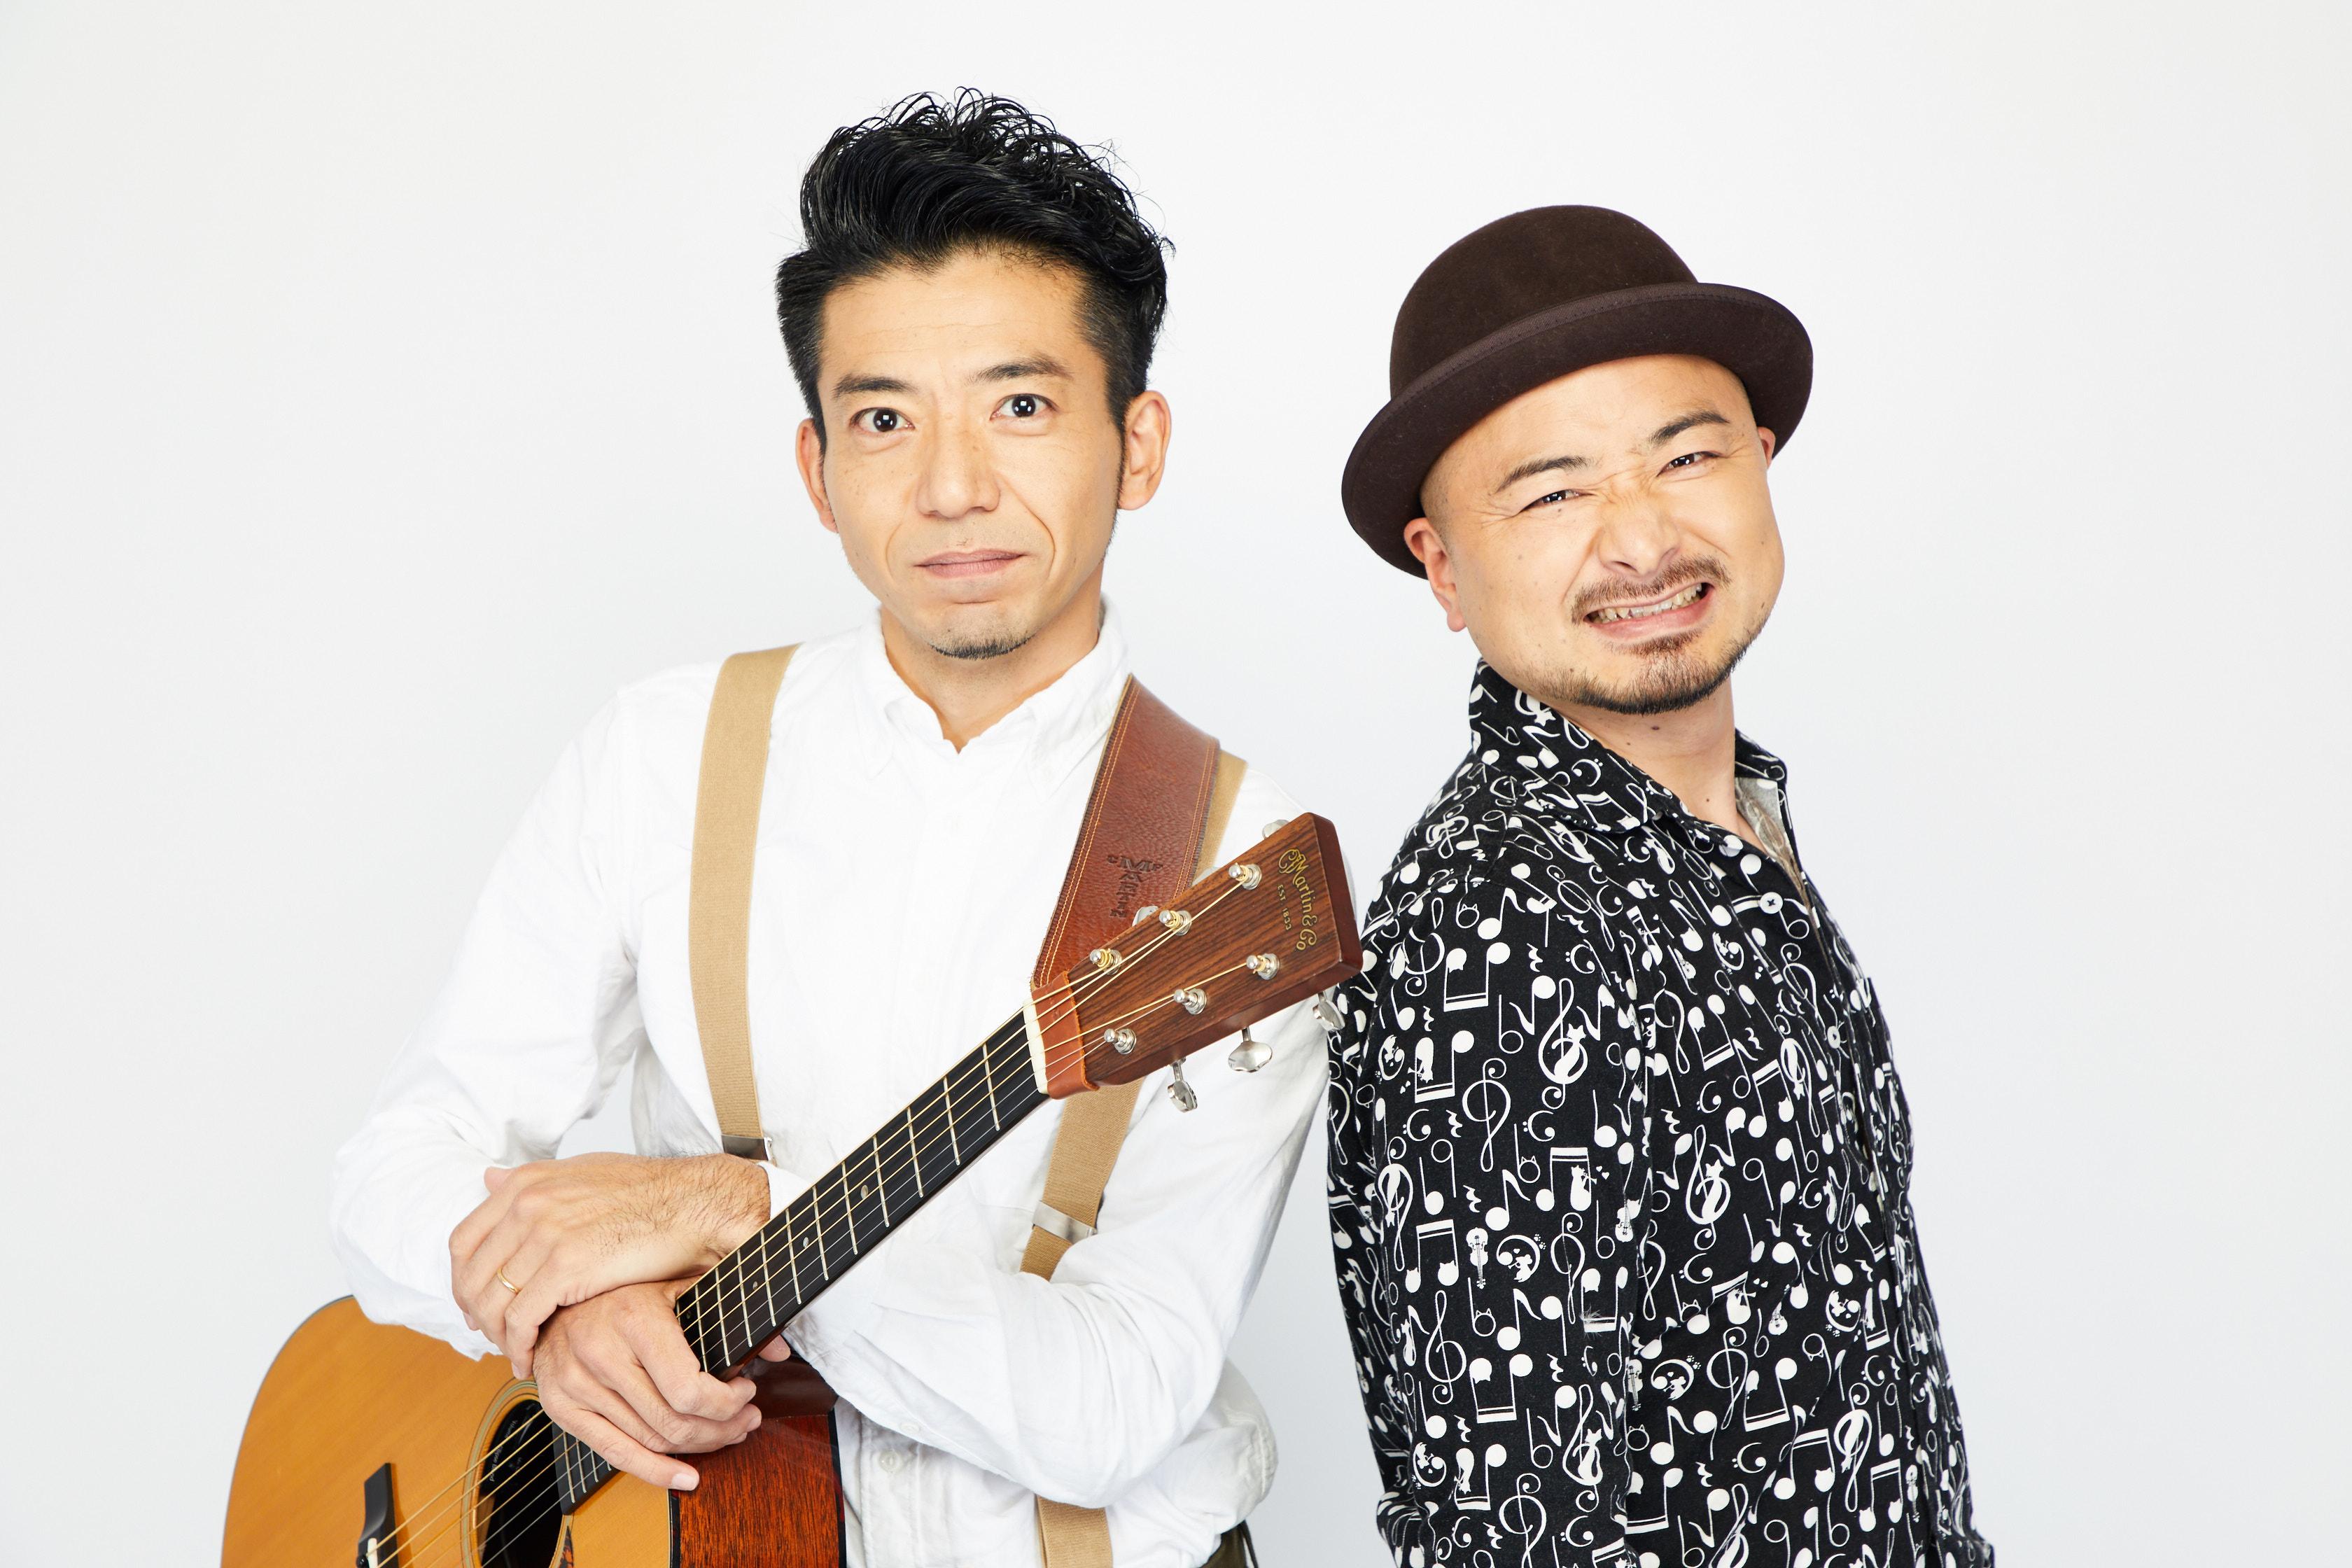 どぶろっく森 第1回ソロライブ「底」   ③1/12(土) 夜 公演